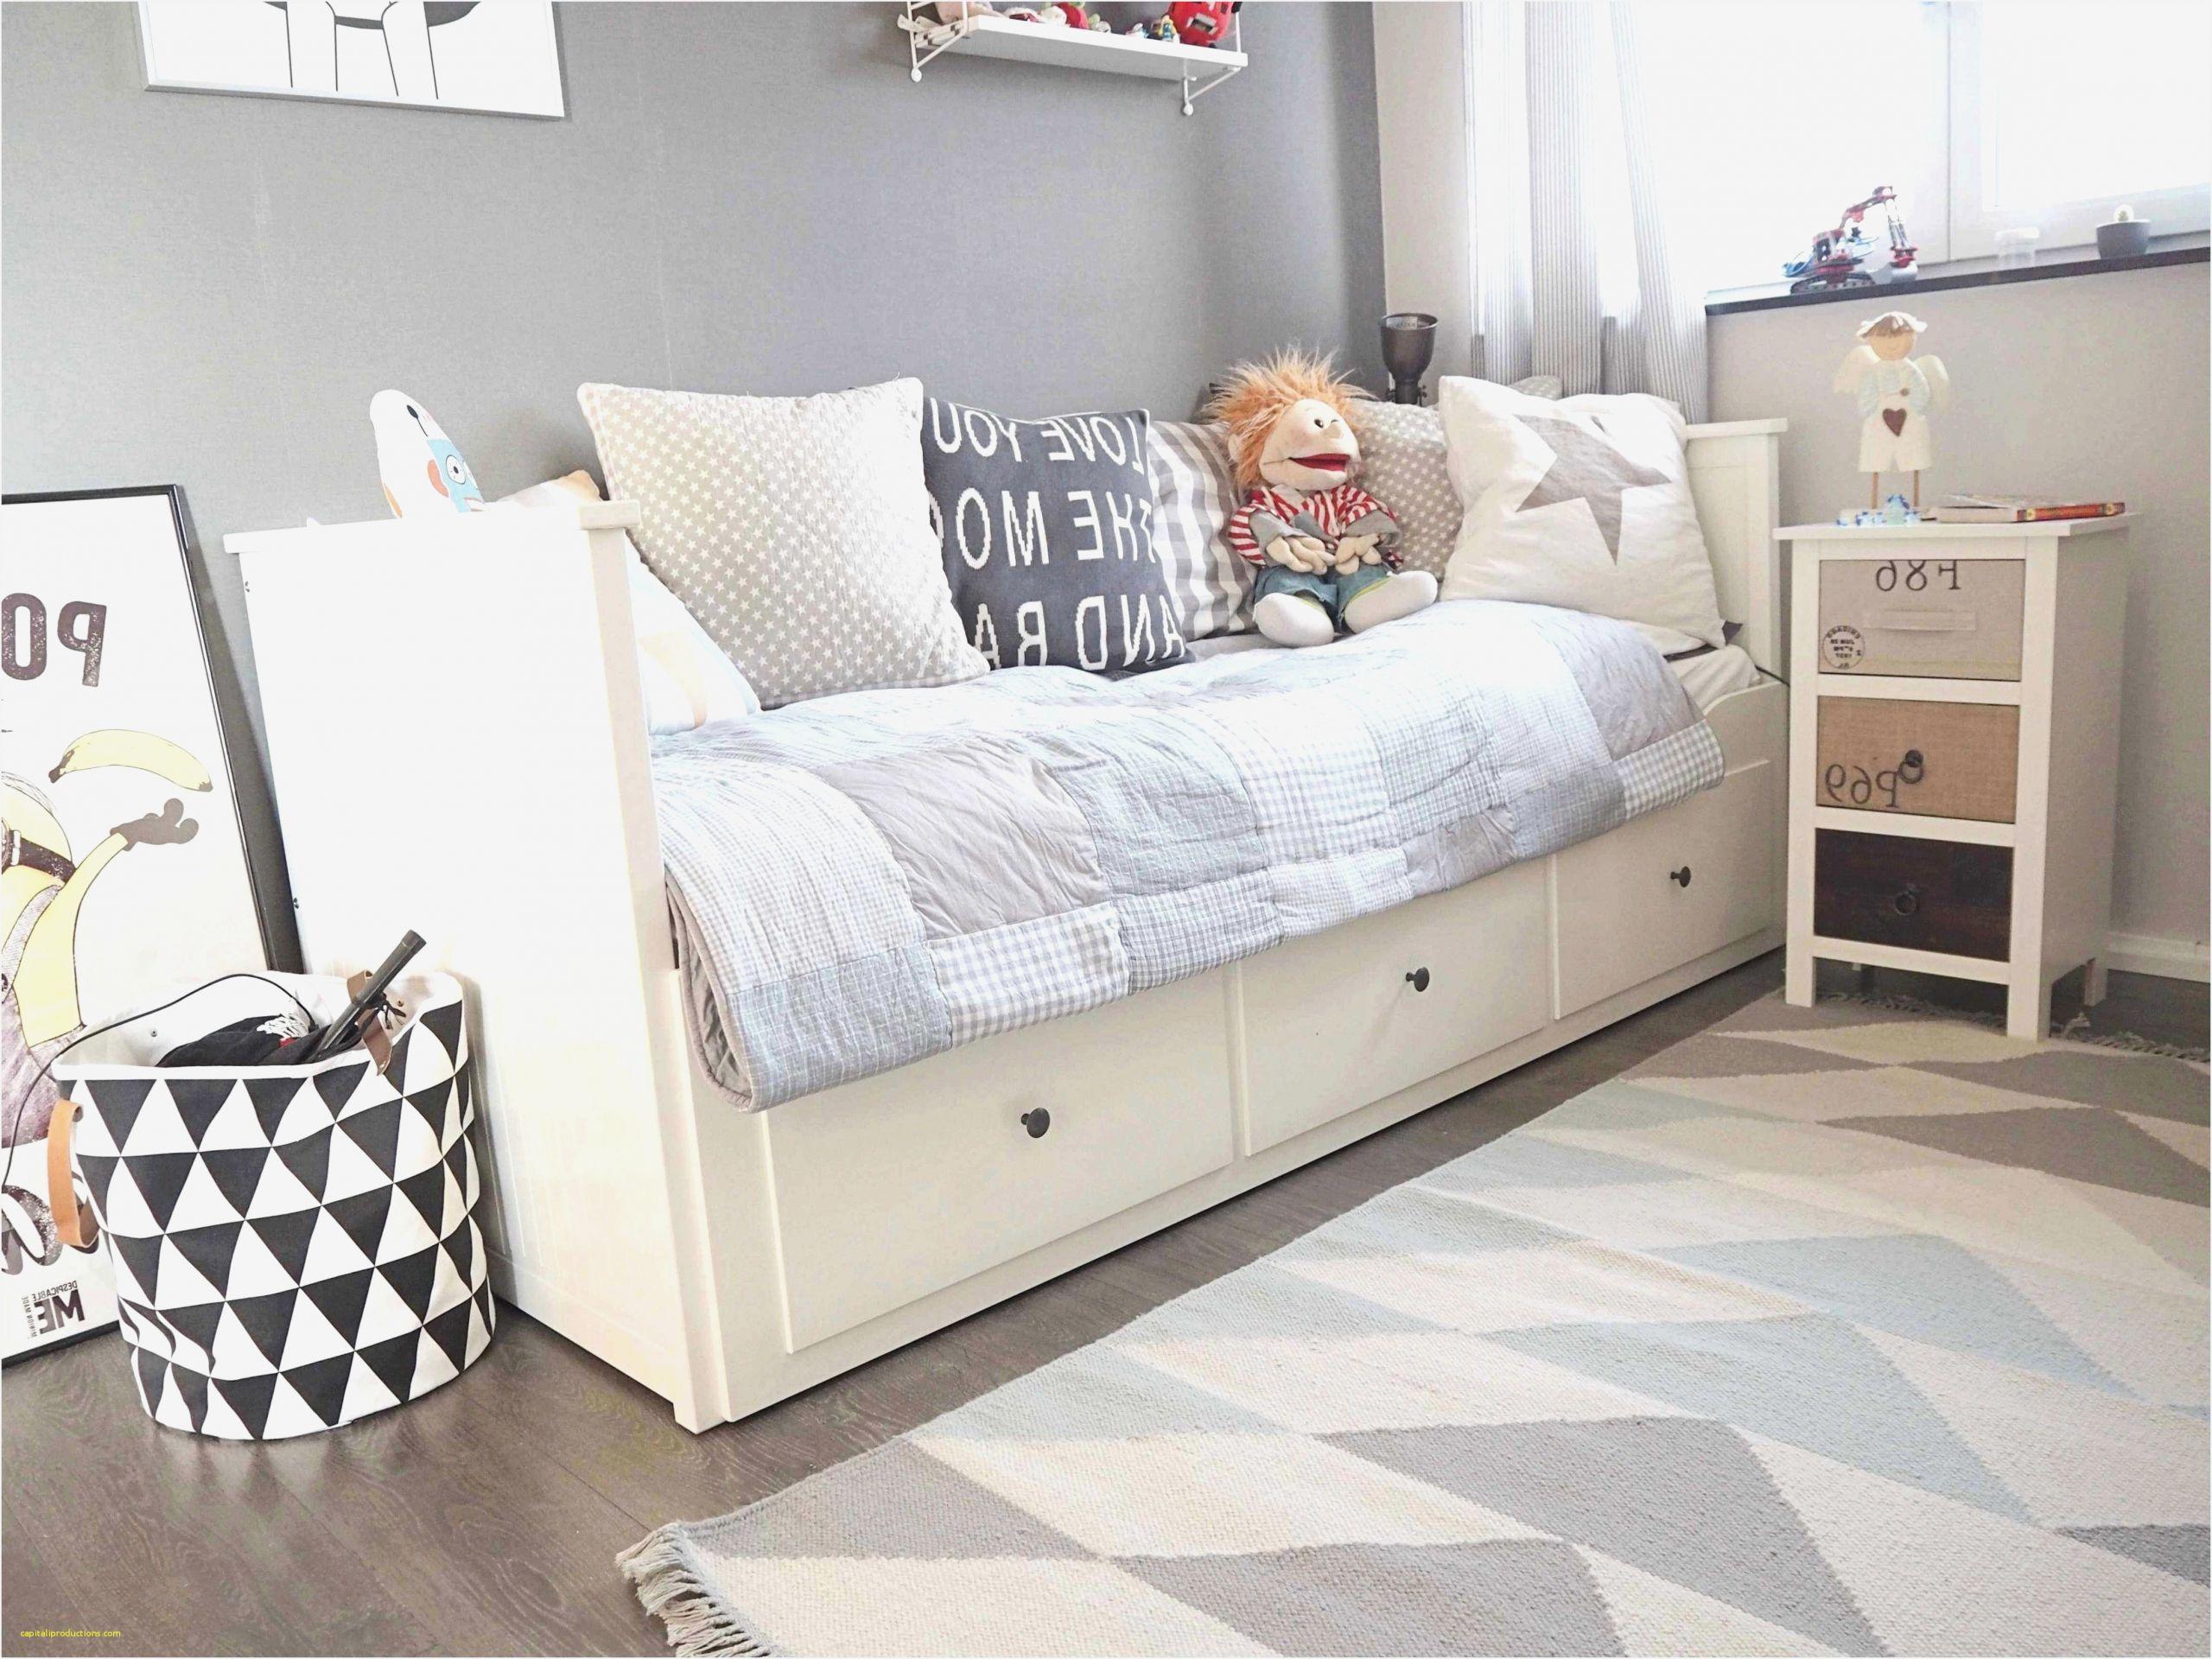 Full Size of Ikea Jugendzimmer Betten Bei Küche Kaufen Modulküche Bett Kosten Sofa Mit Schlaffunktion Miniküche 160x200 Wohnzimmer Ikea Jugendzimmer